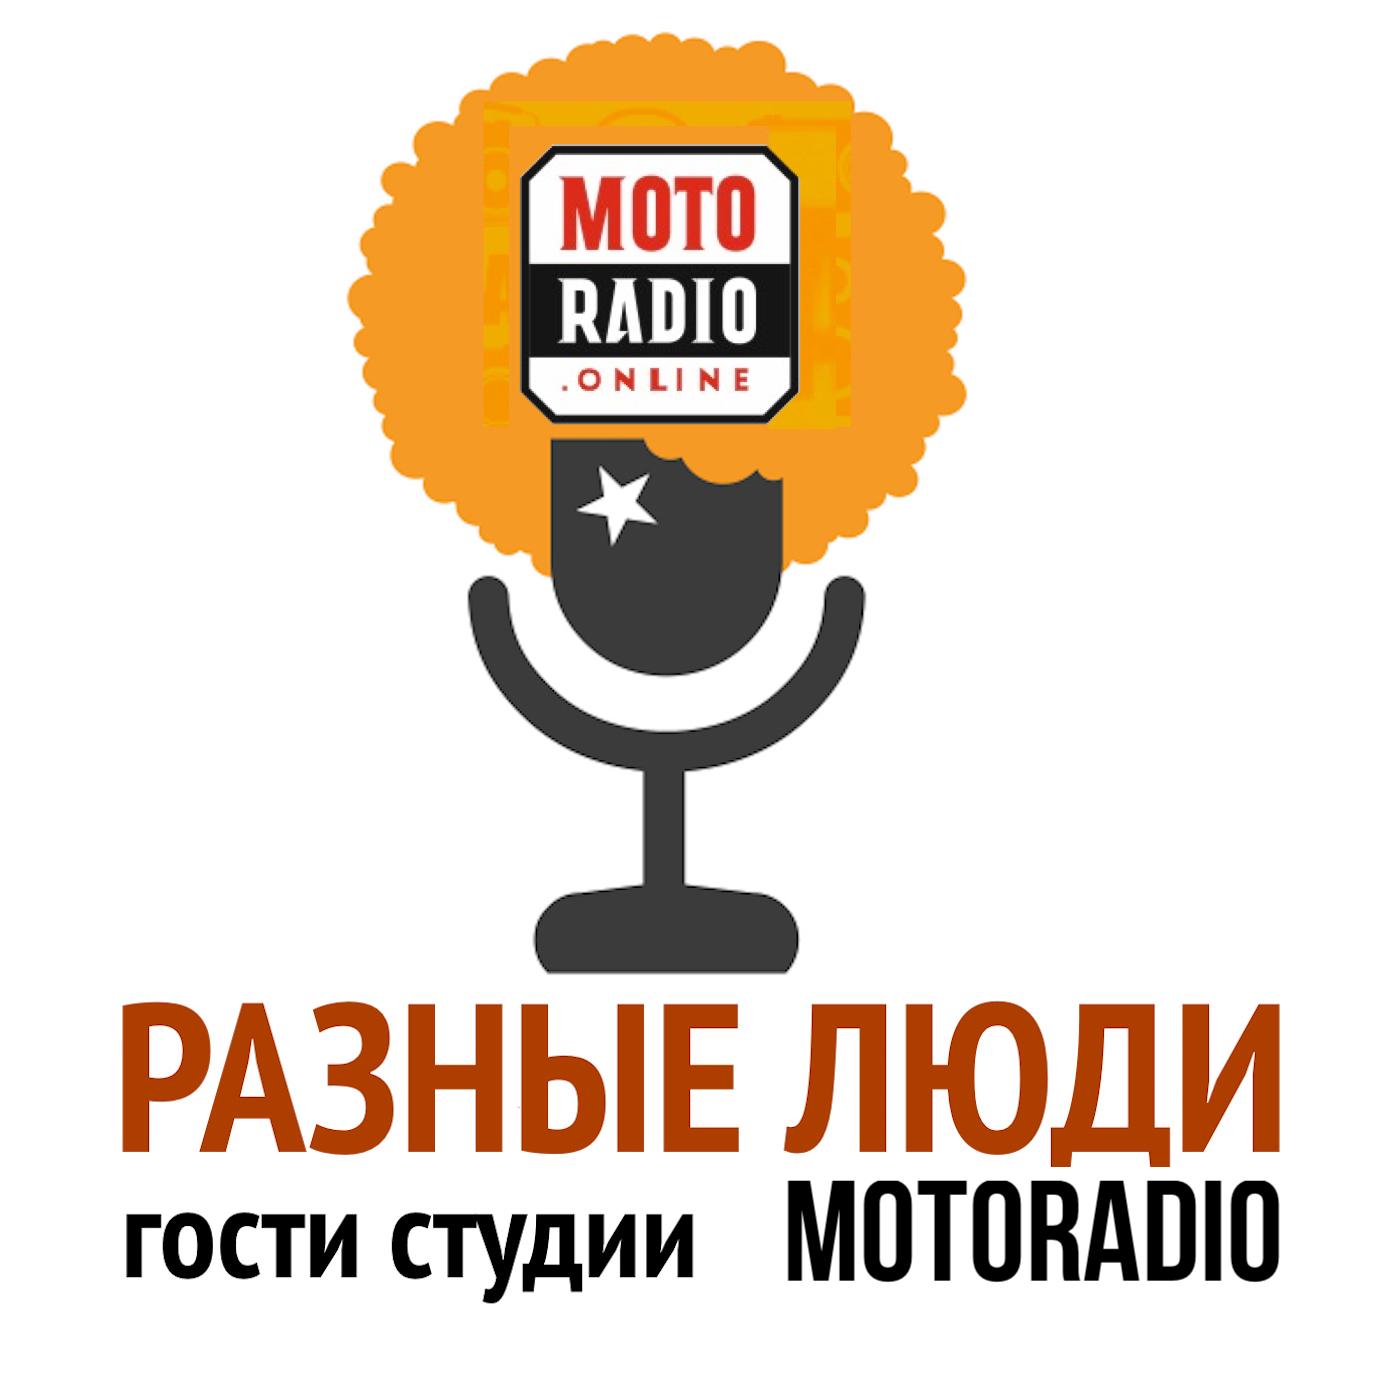 Моторадио ПАРГОЛОВО КРОСС 13 января 2019 - о событии рассказывает организатор Петр Новоселов.